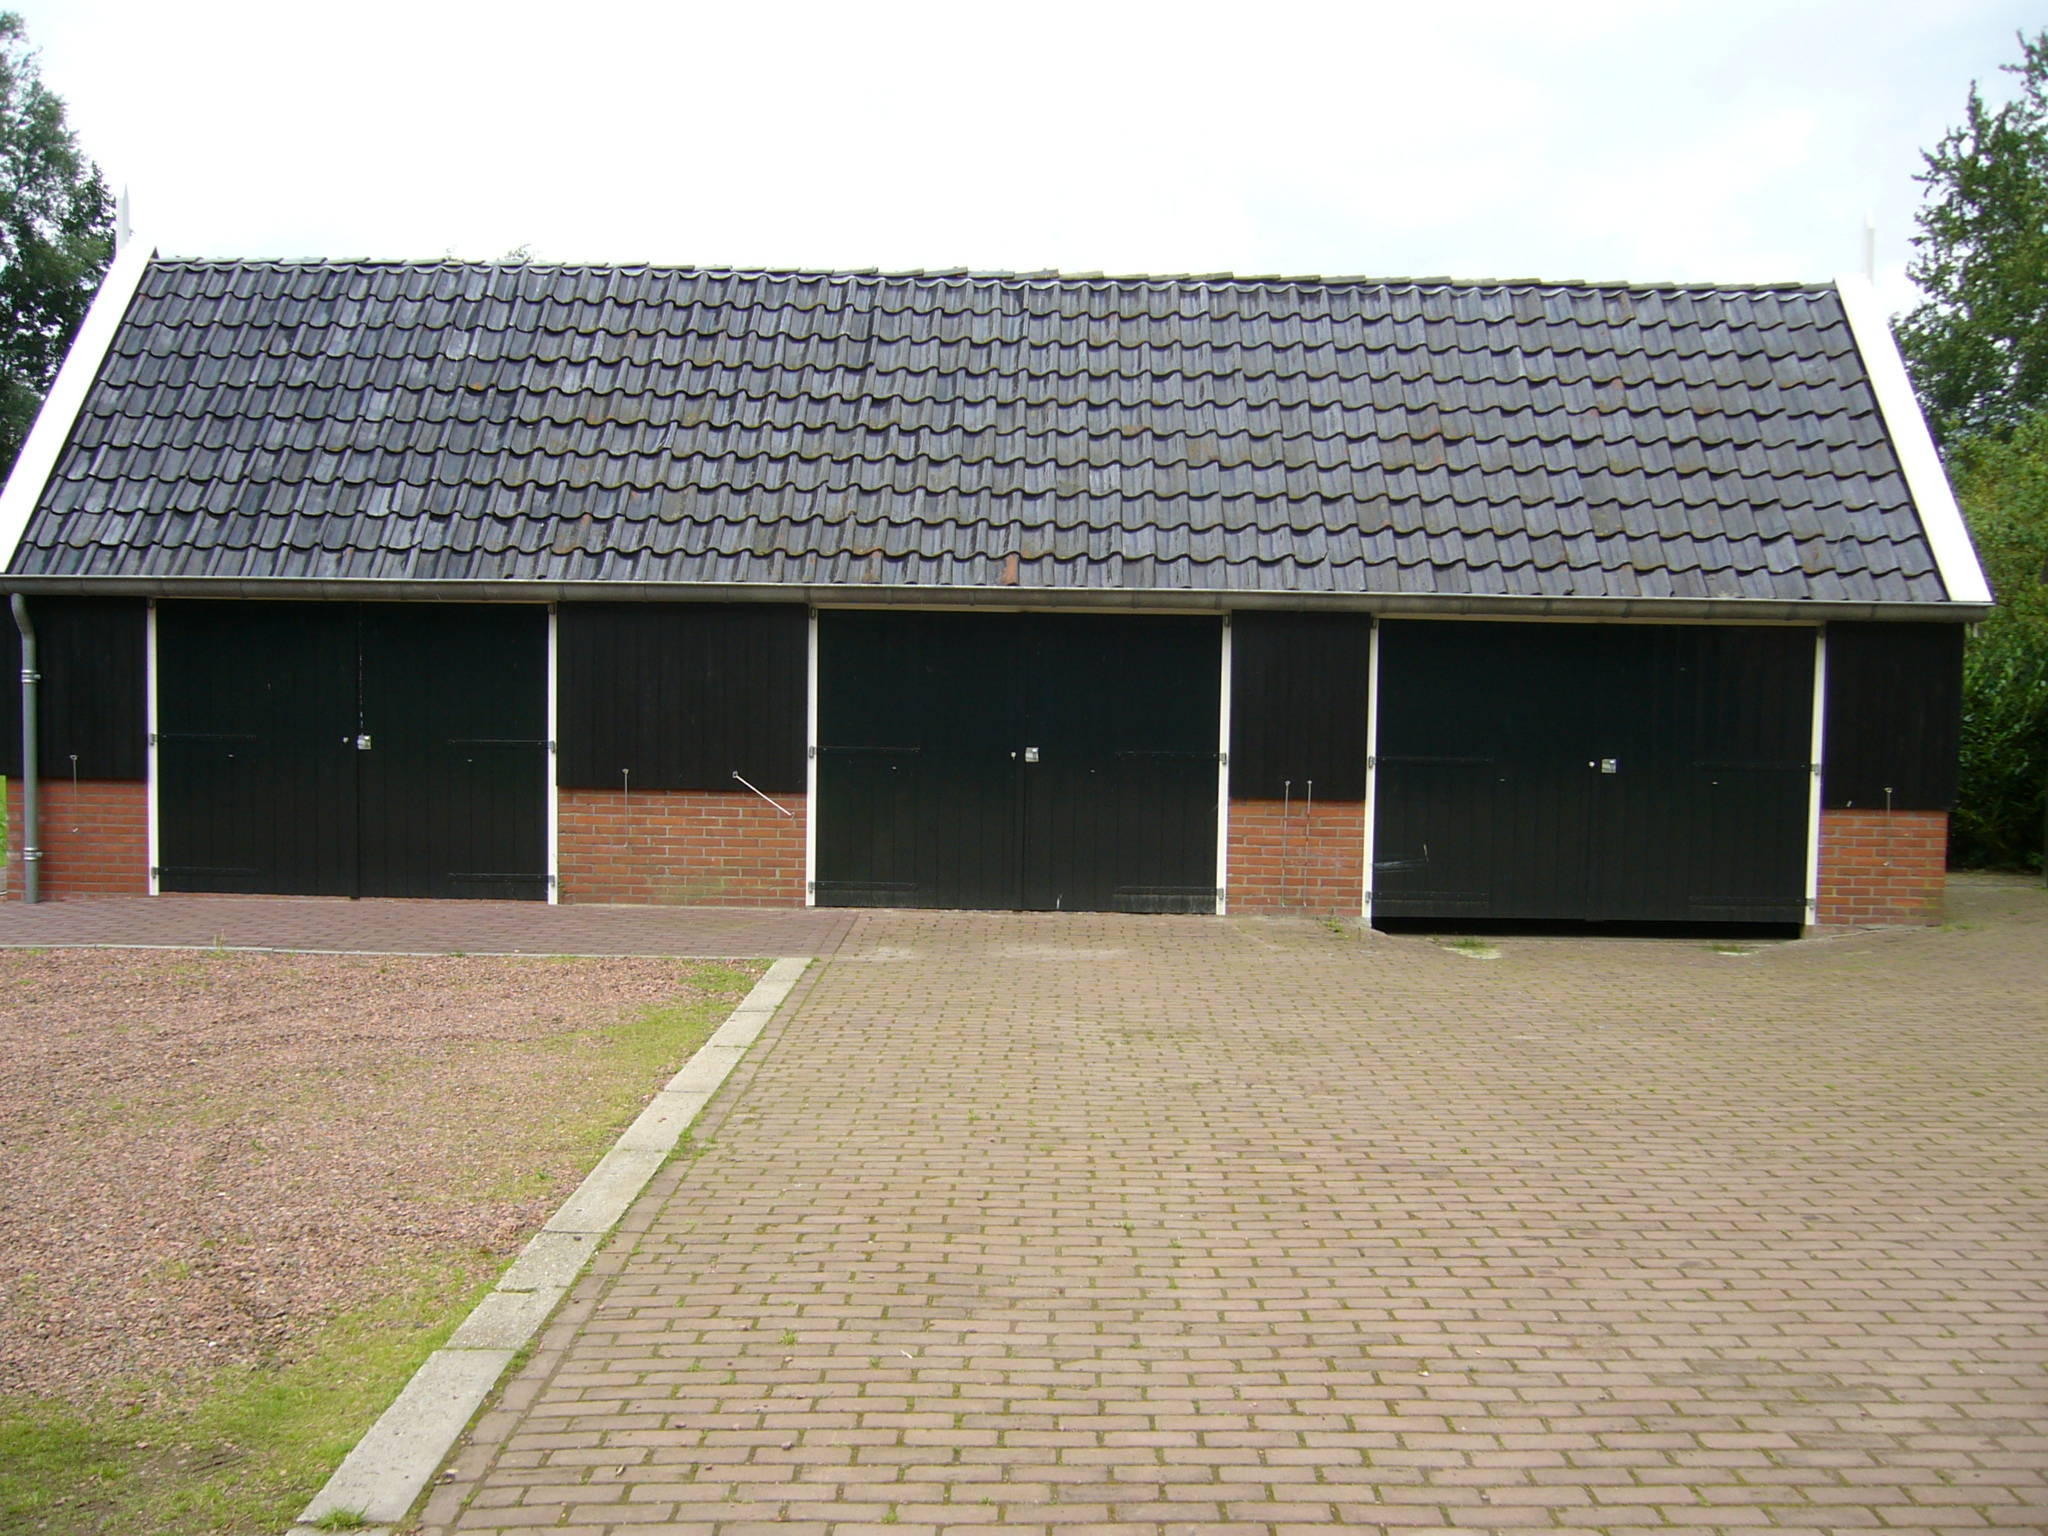 sheds ottors shed roof tiles. Black Bedroom Furniture Sets. Home Design Ideas